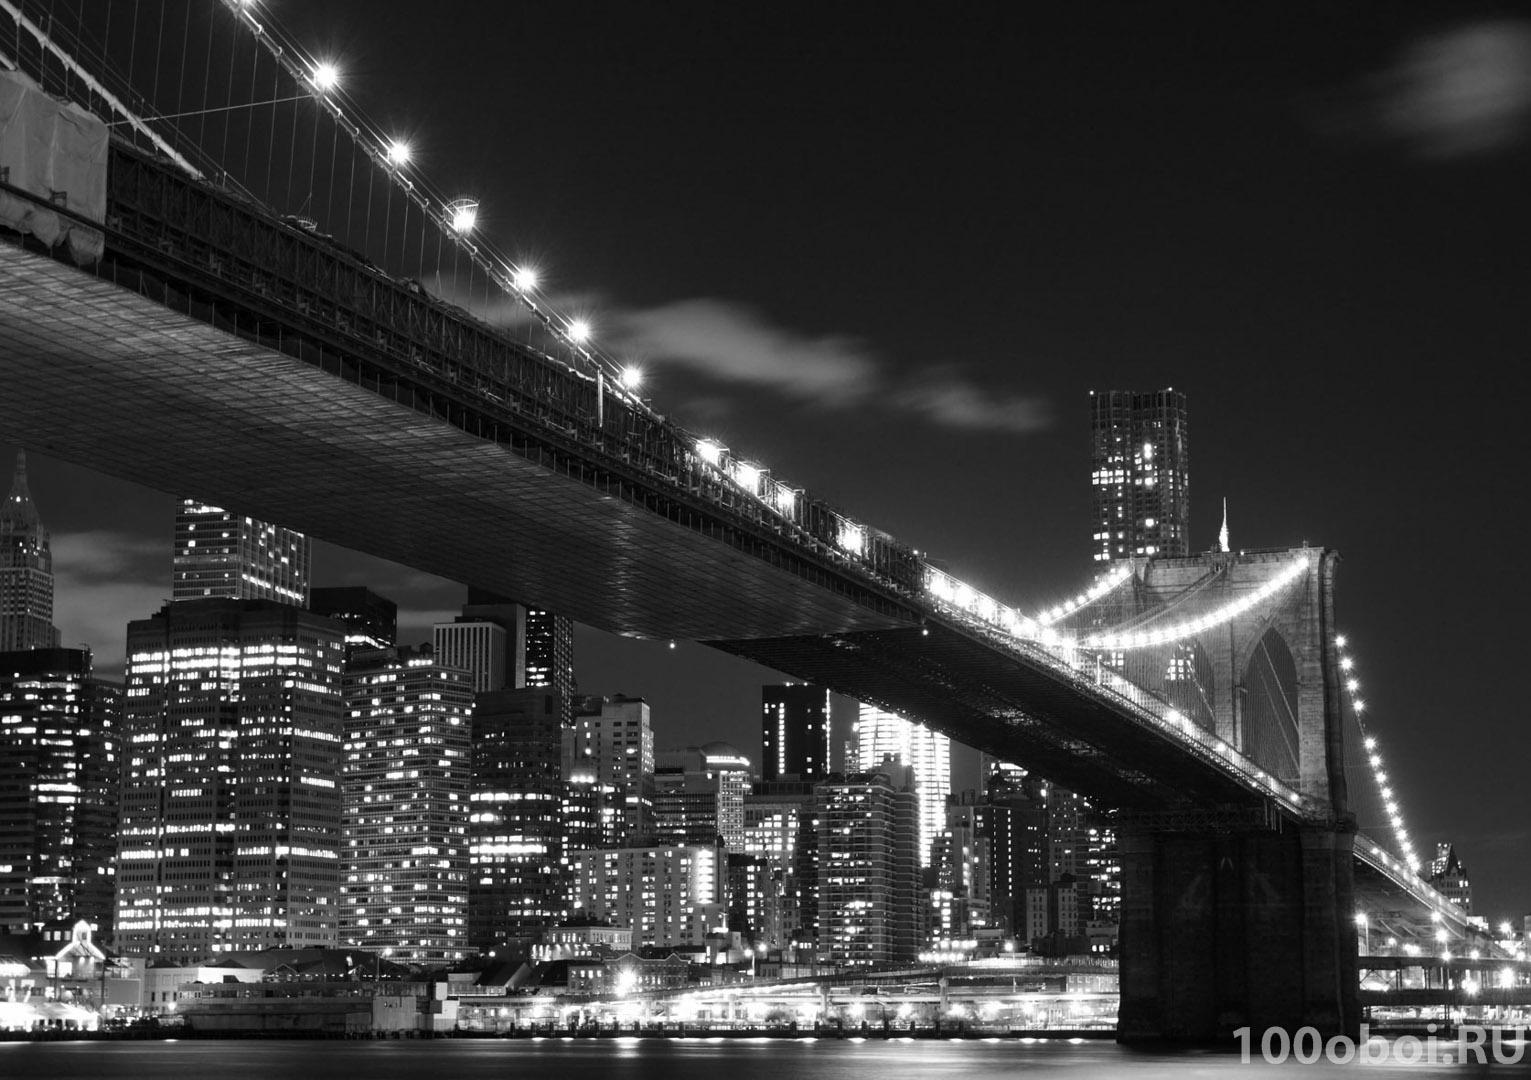 данной город фото черно белые мостовая осмотре